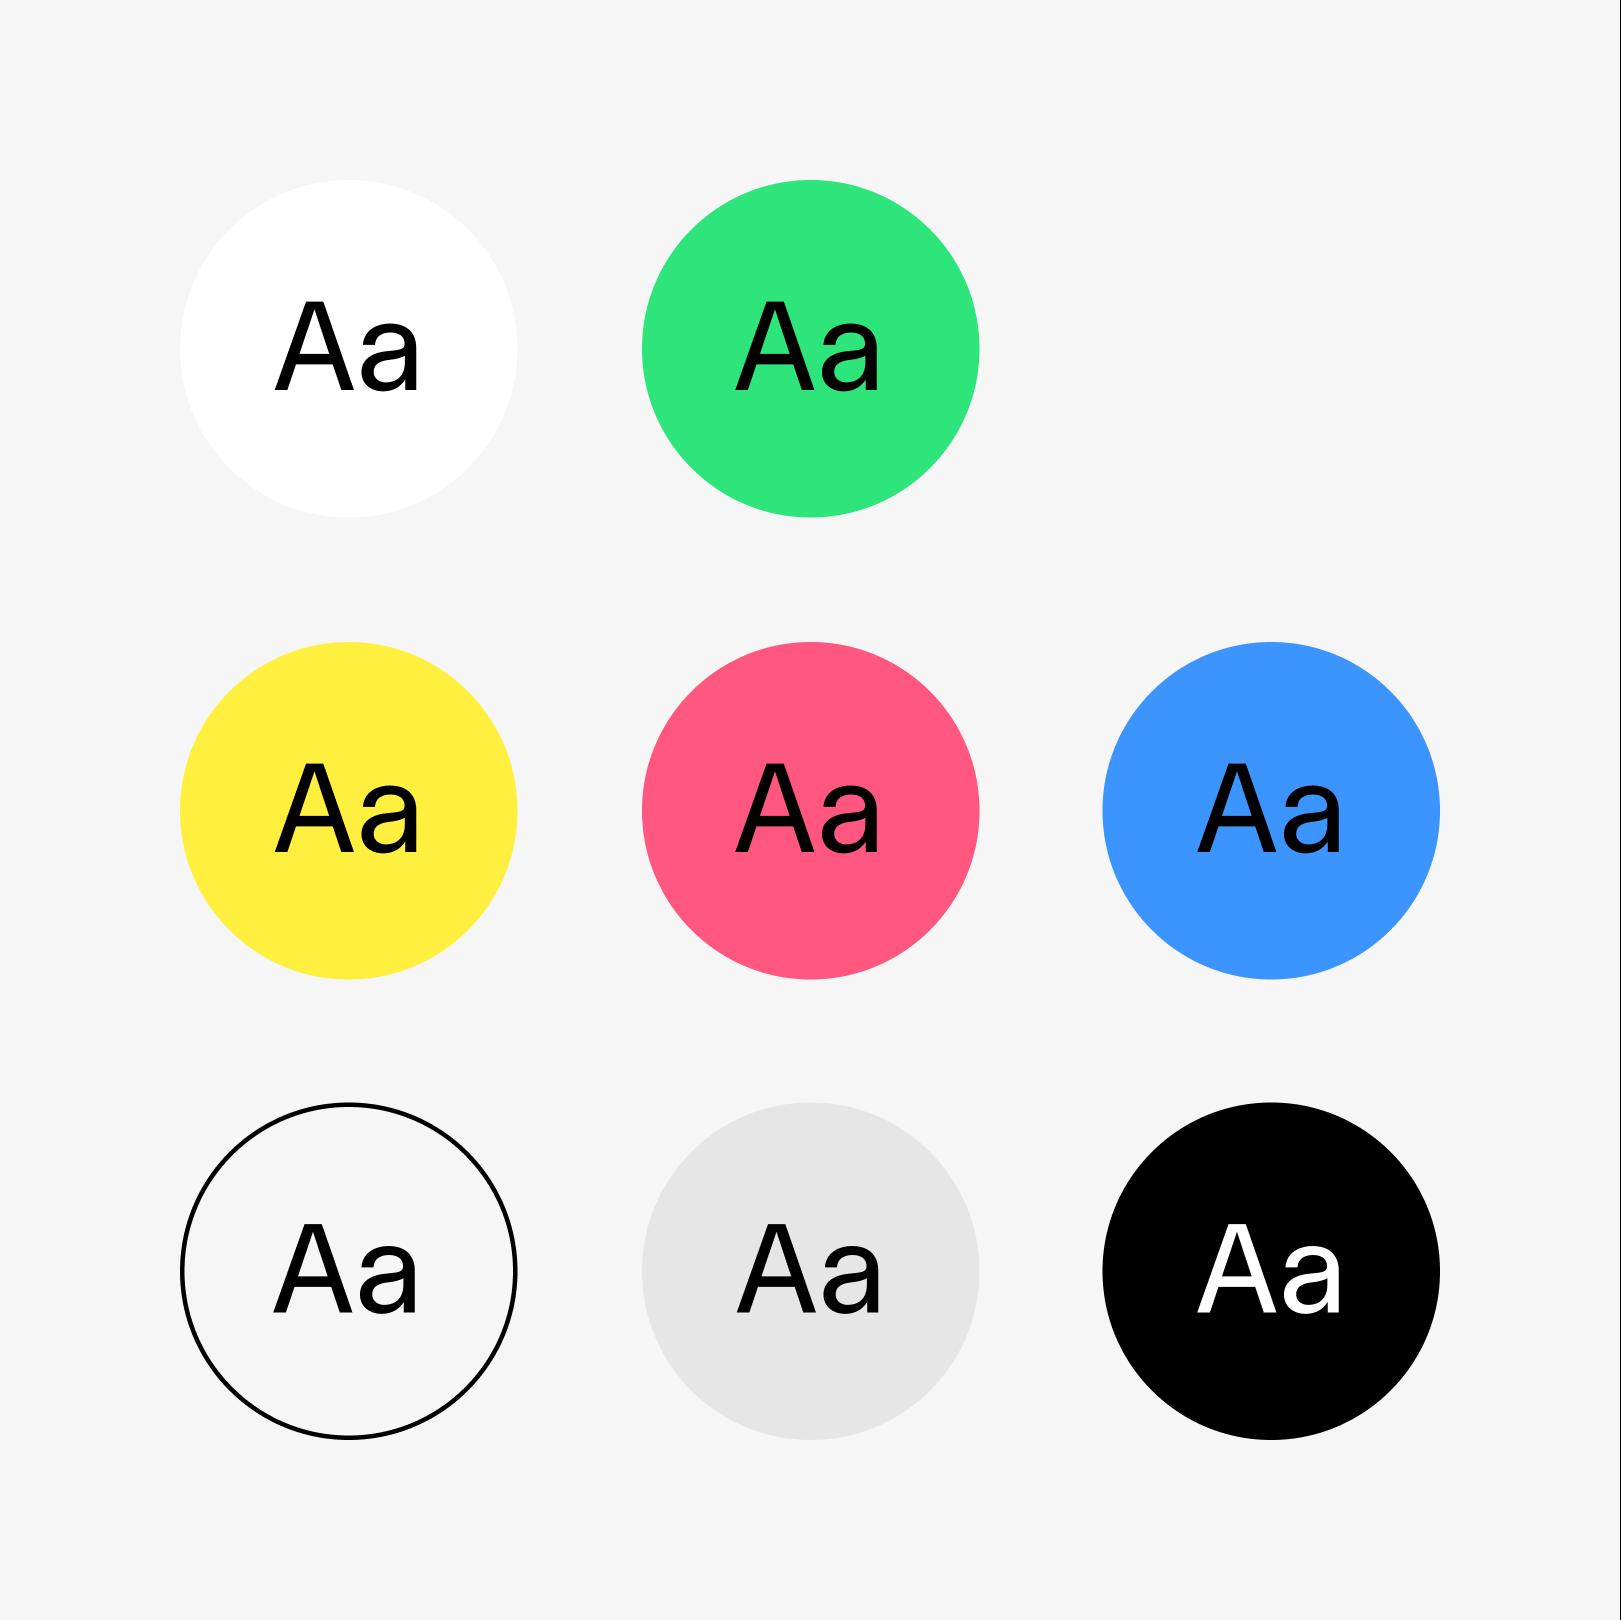 Illustrasjon som viser bruk av svart tekst på farget bakgrunn